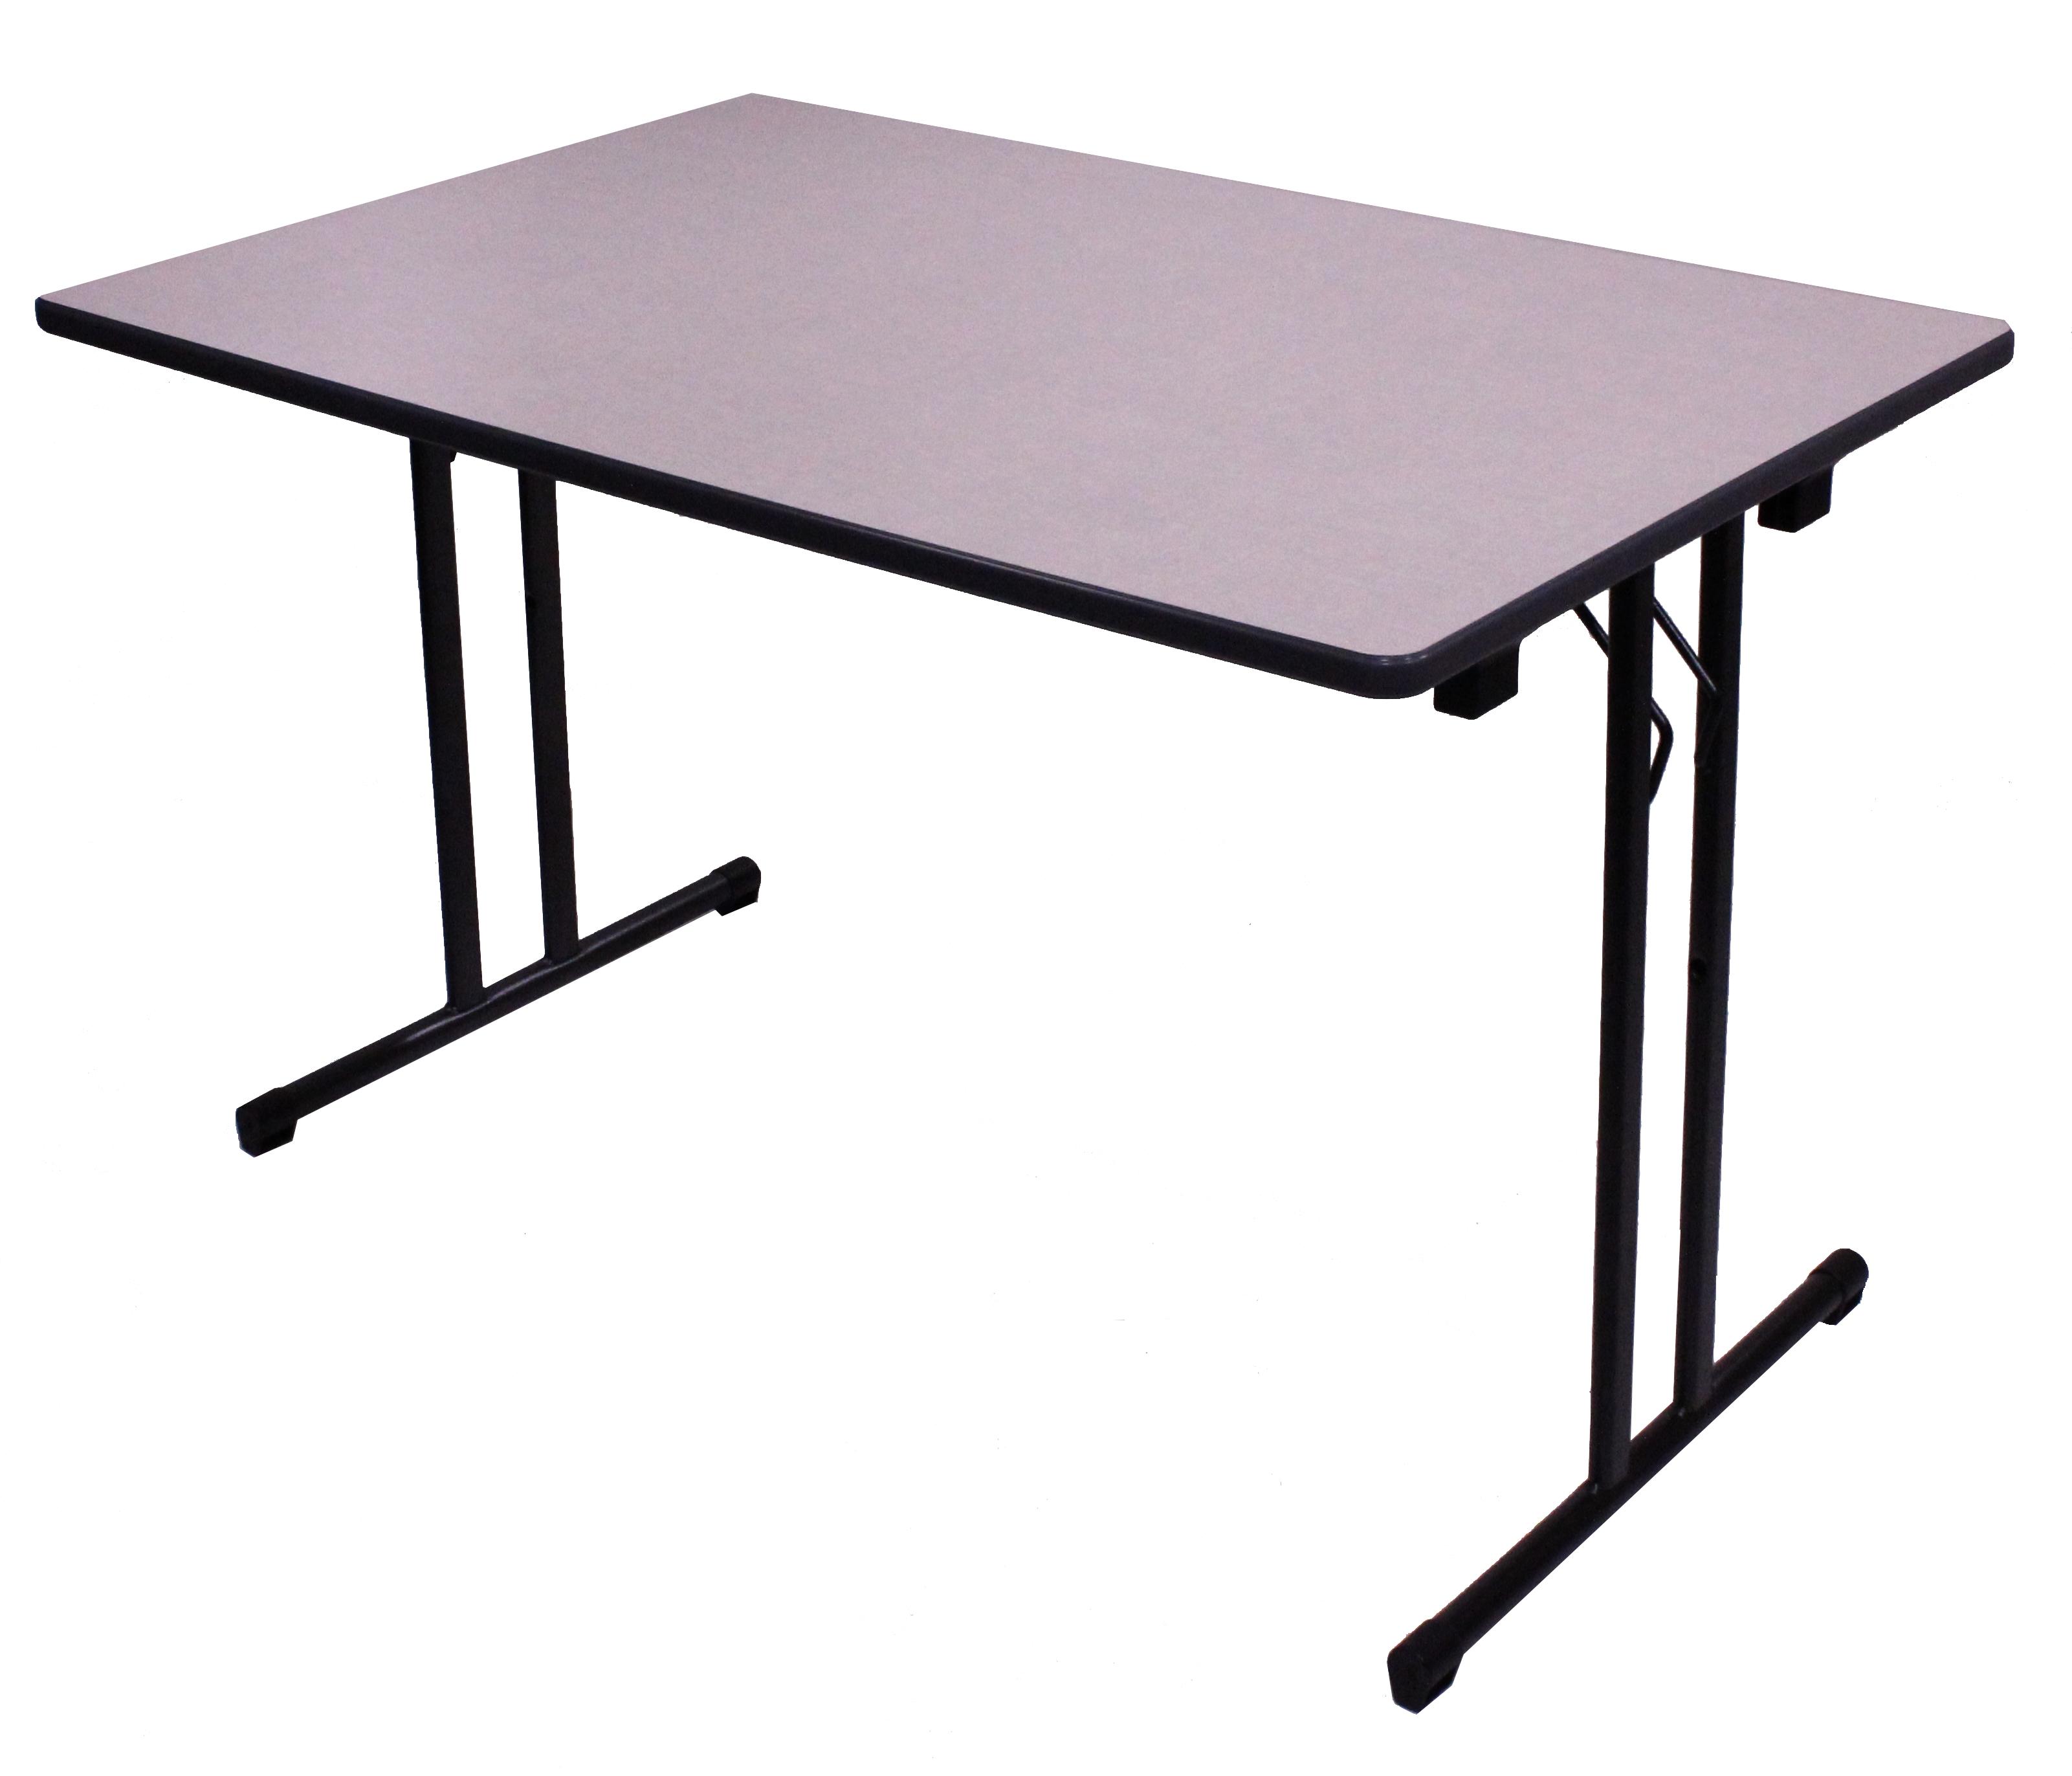 table pliante landes reunion rodet. Black Bedroom Furniture Sets. Home Design Ideas